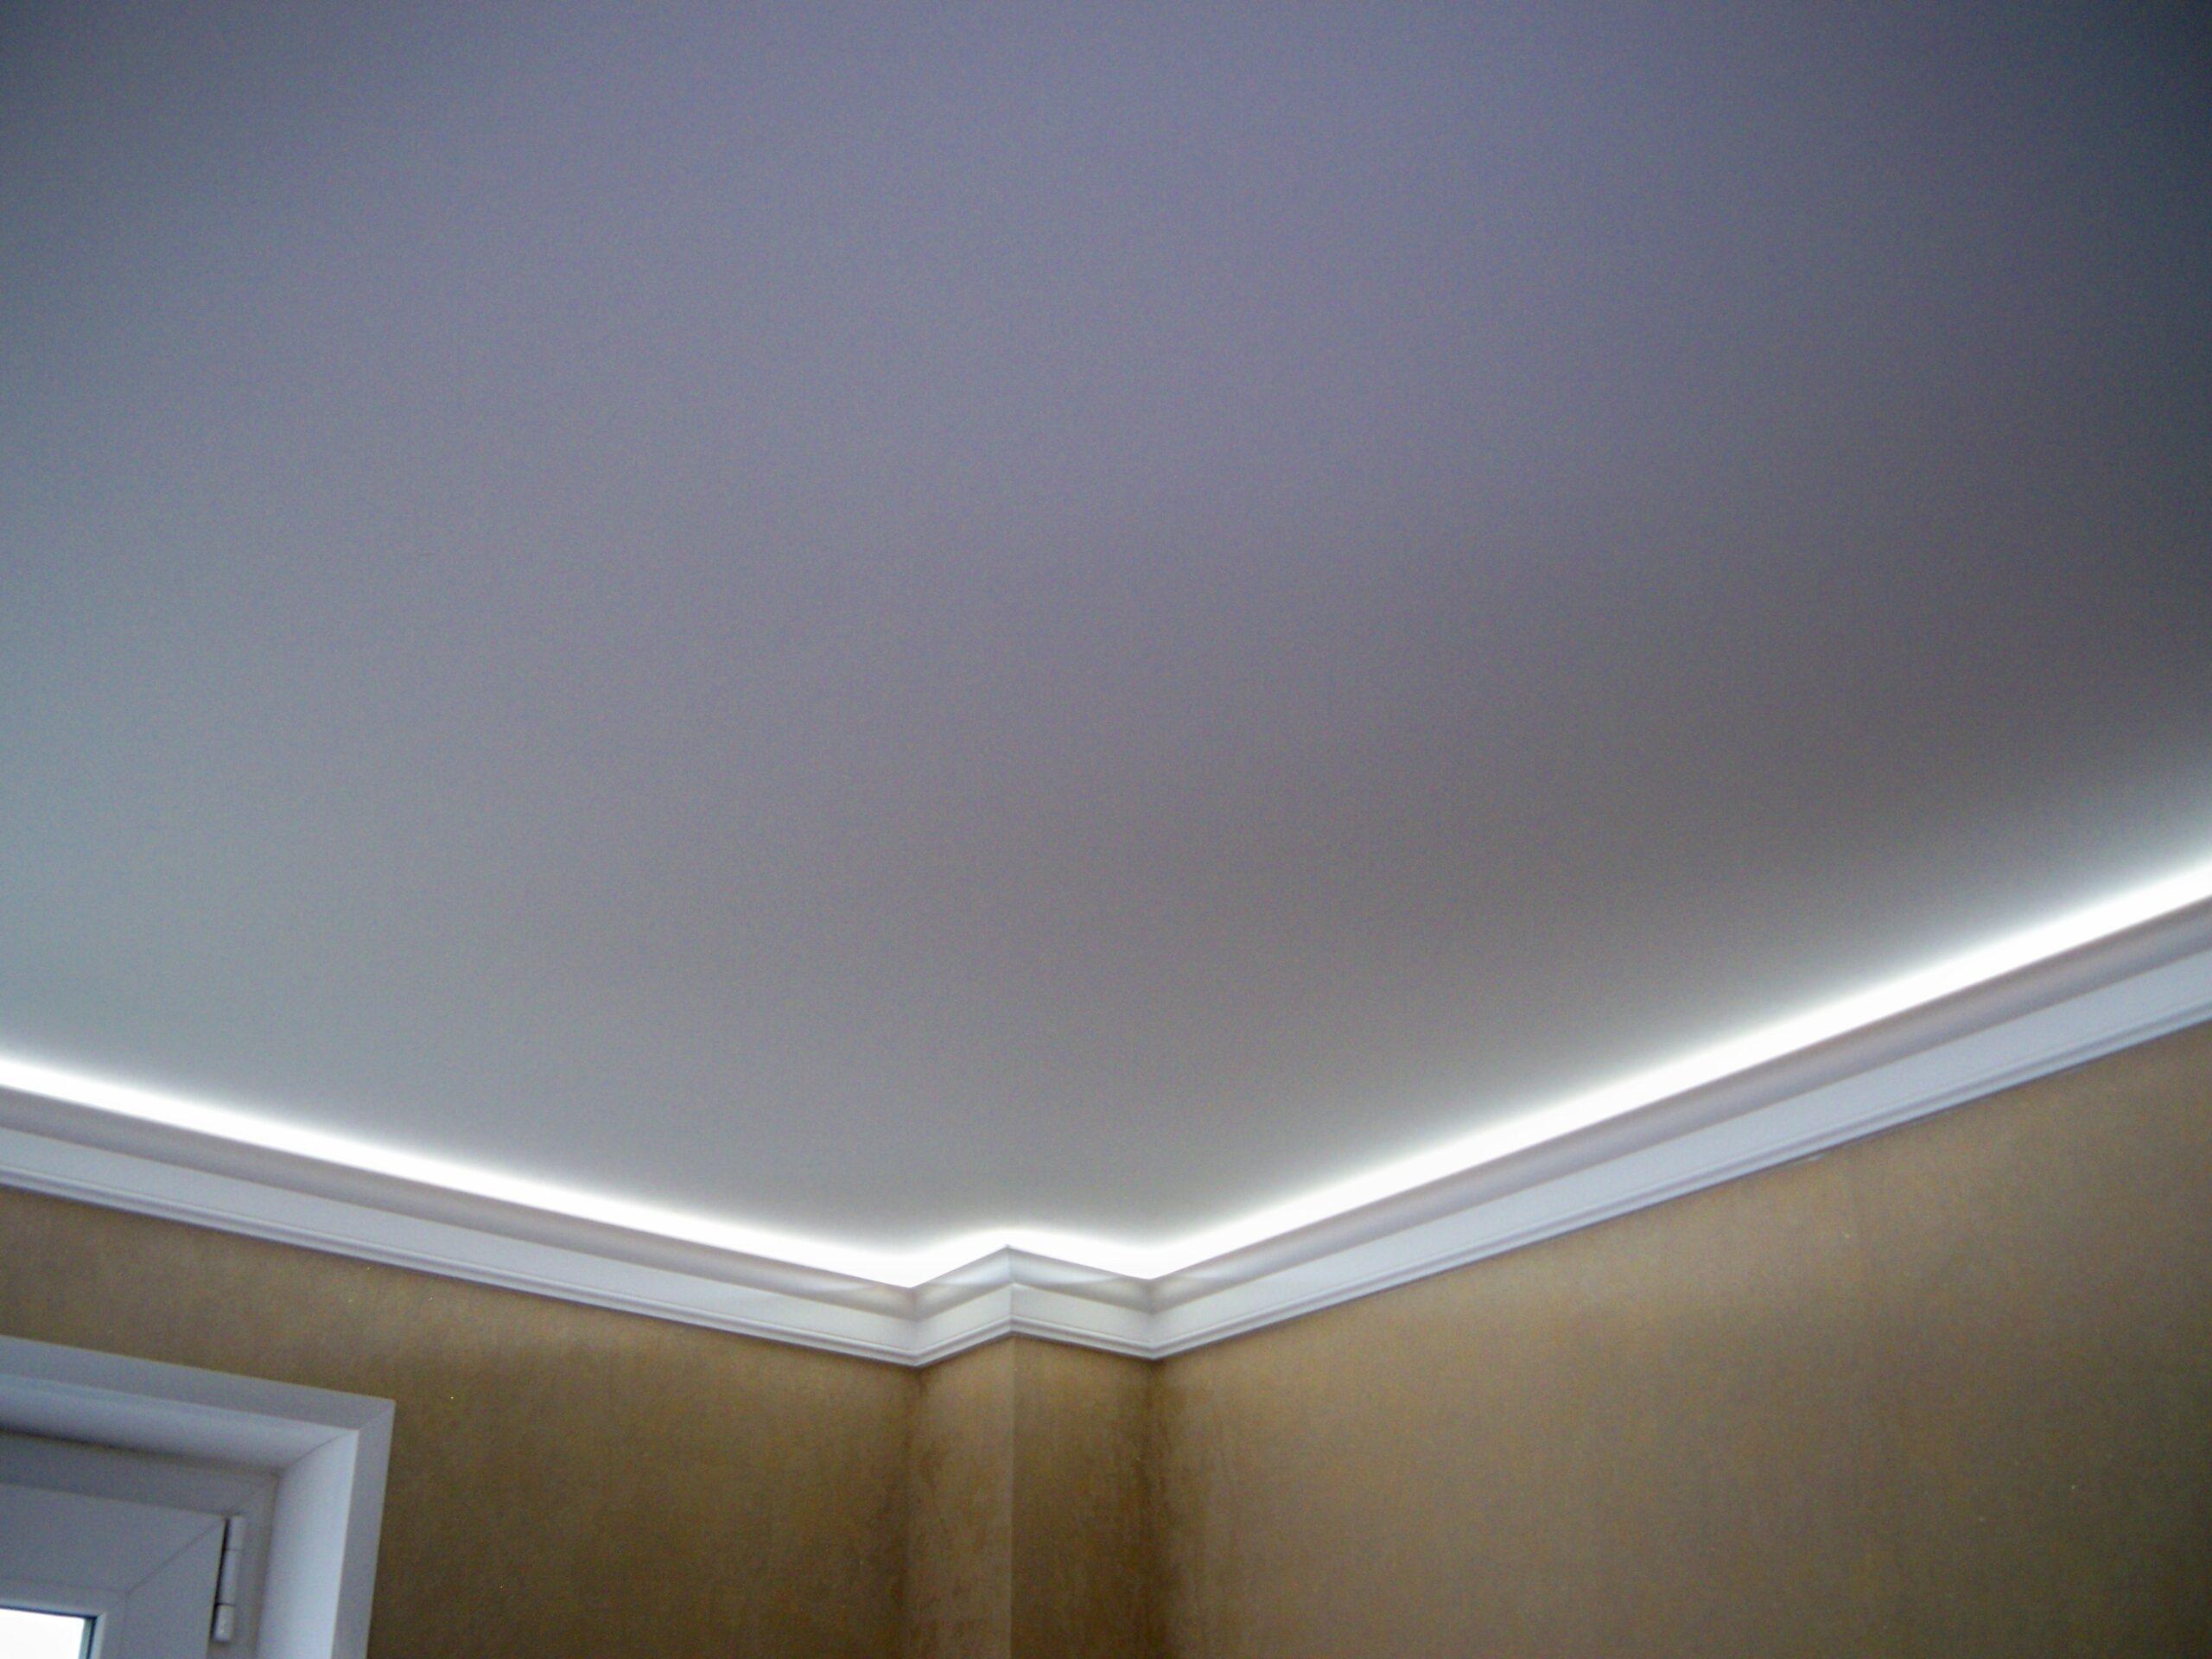 Белый матовый потолок со светодиодной подсветкой по периметру